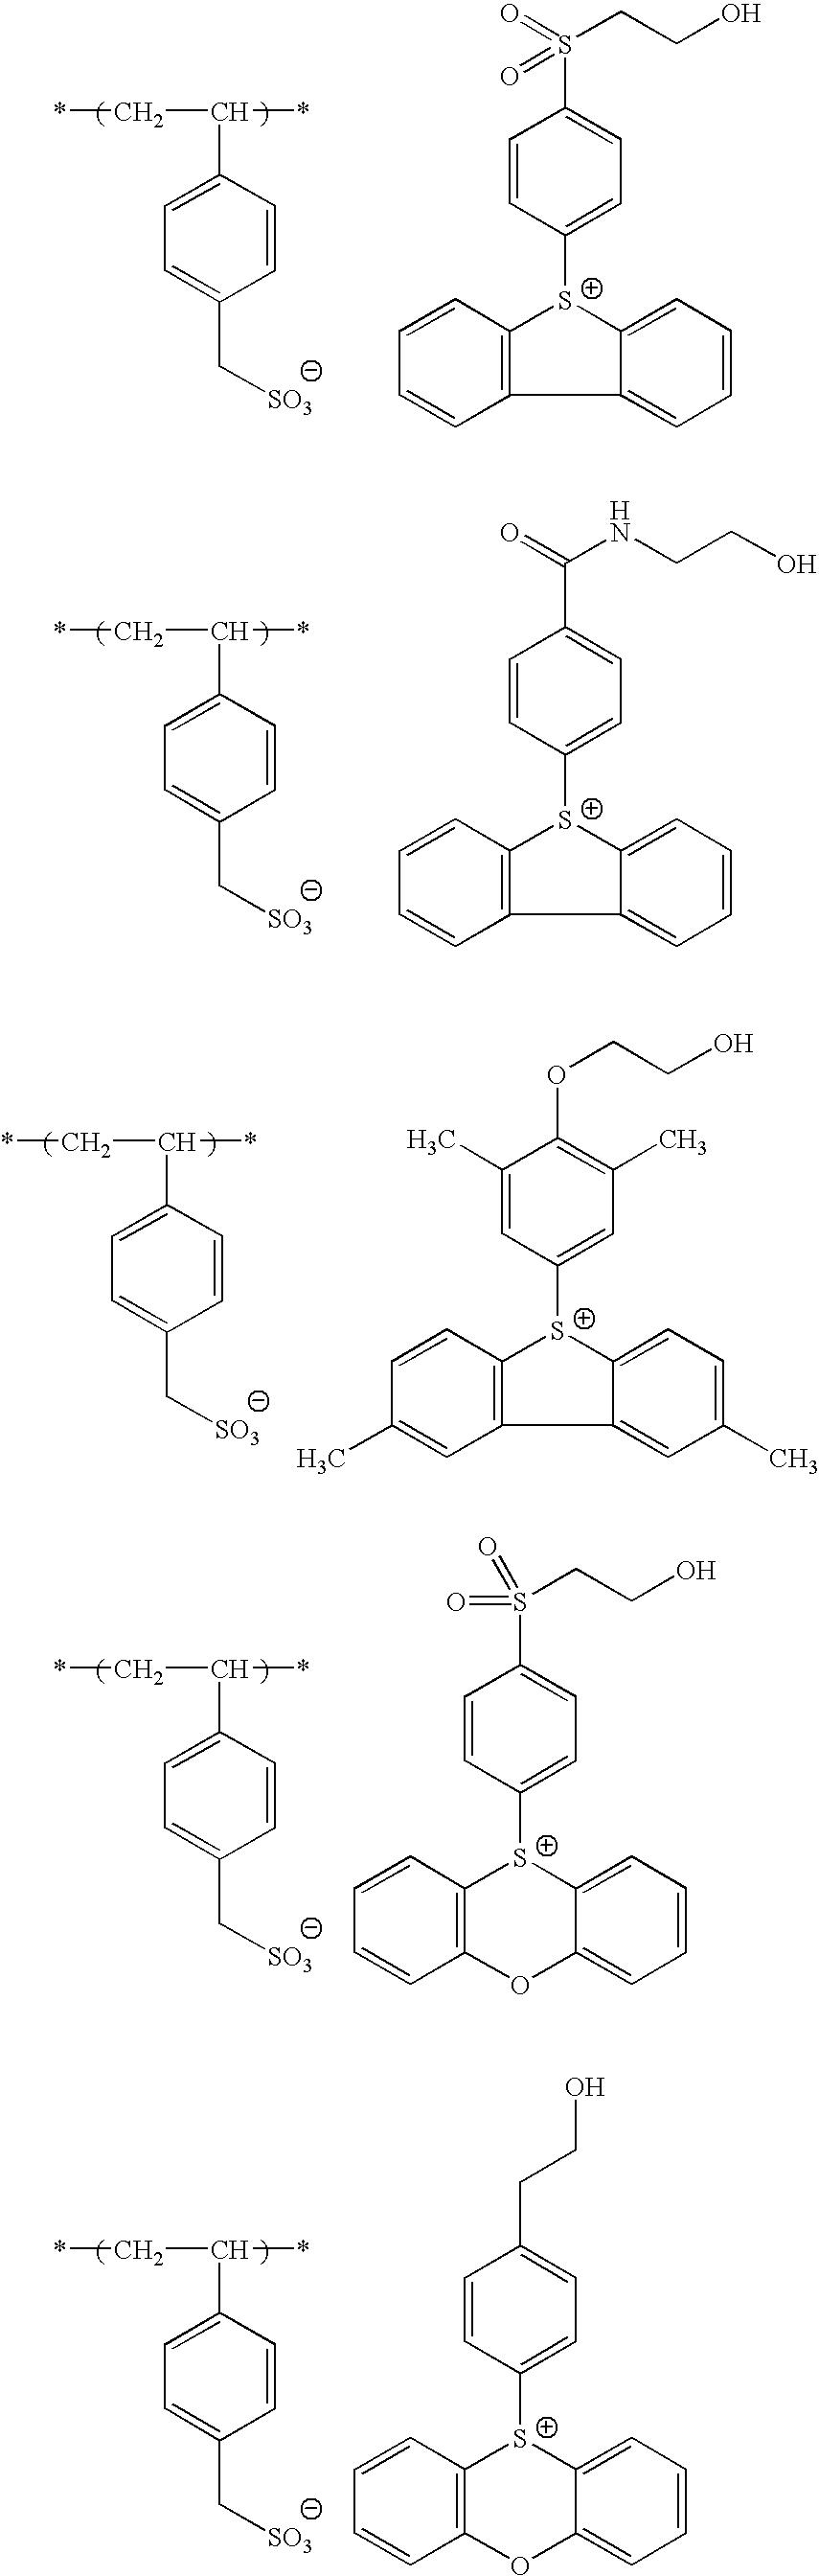 Figure US08852845-20141007-C00057